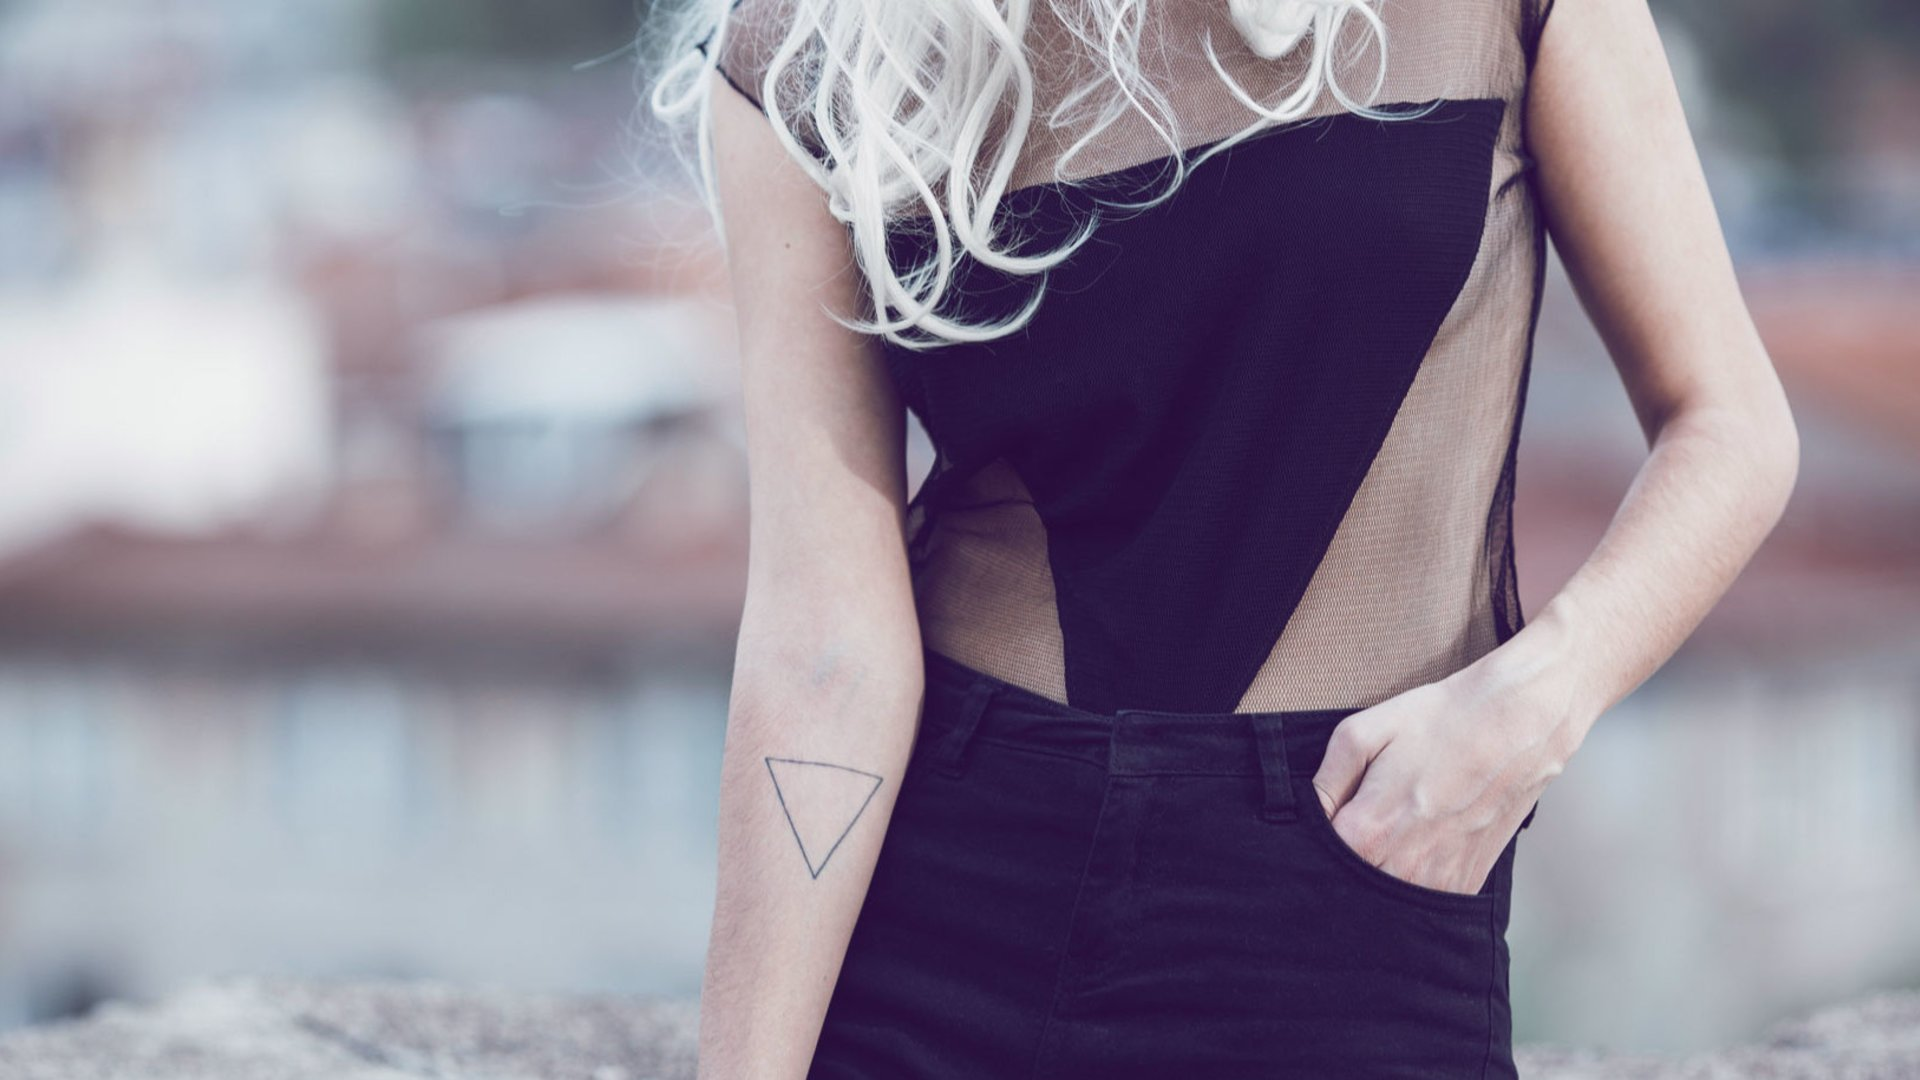 Tattoo dreieck bedeutung geschwister Brüder Tattoo